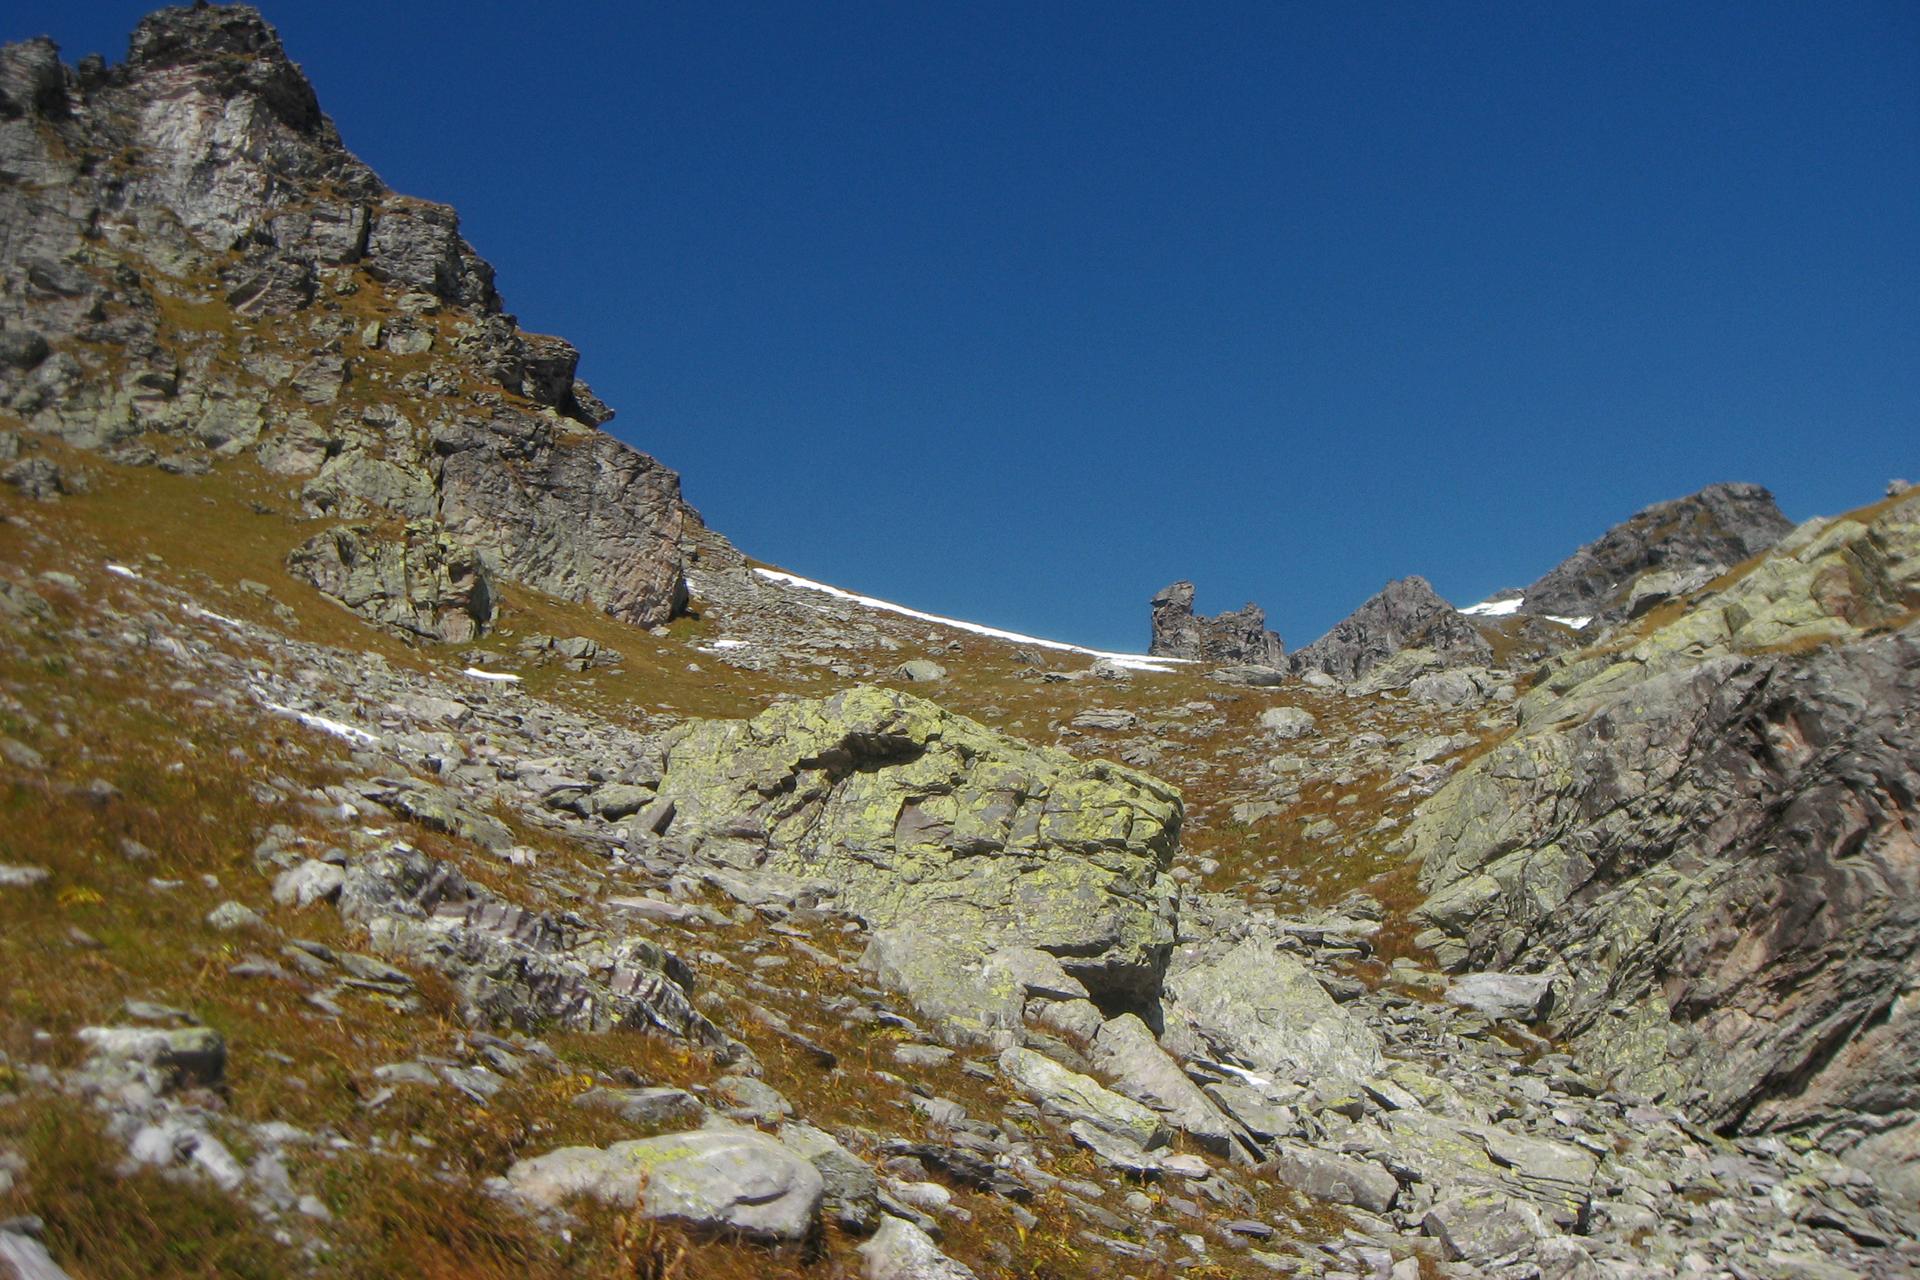 Fotografia przedstawia krajobraz skał na tle błękitnego nieba. Między szarymi skałami rośnie zrudziała trawa. Na skałach rosną żółte iszare porosty skorupiaste.